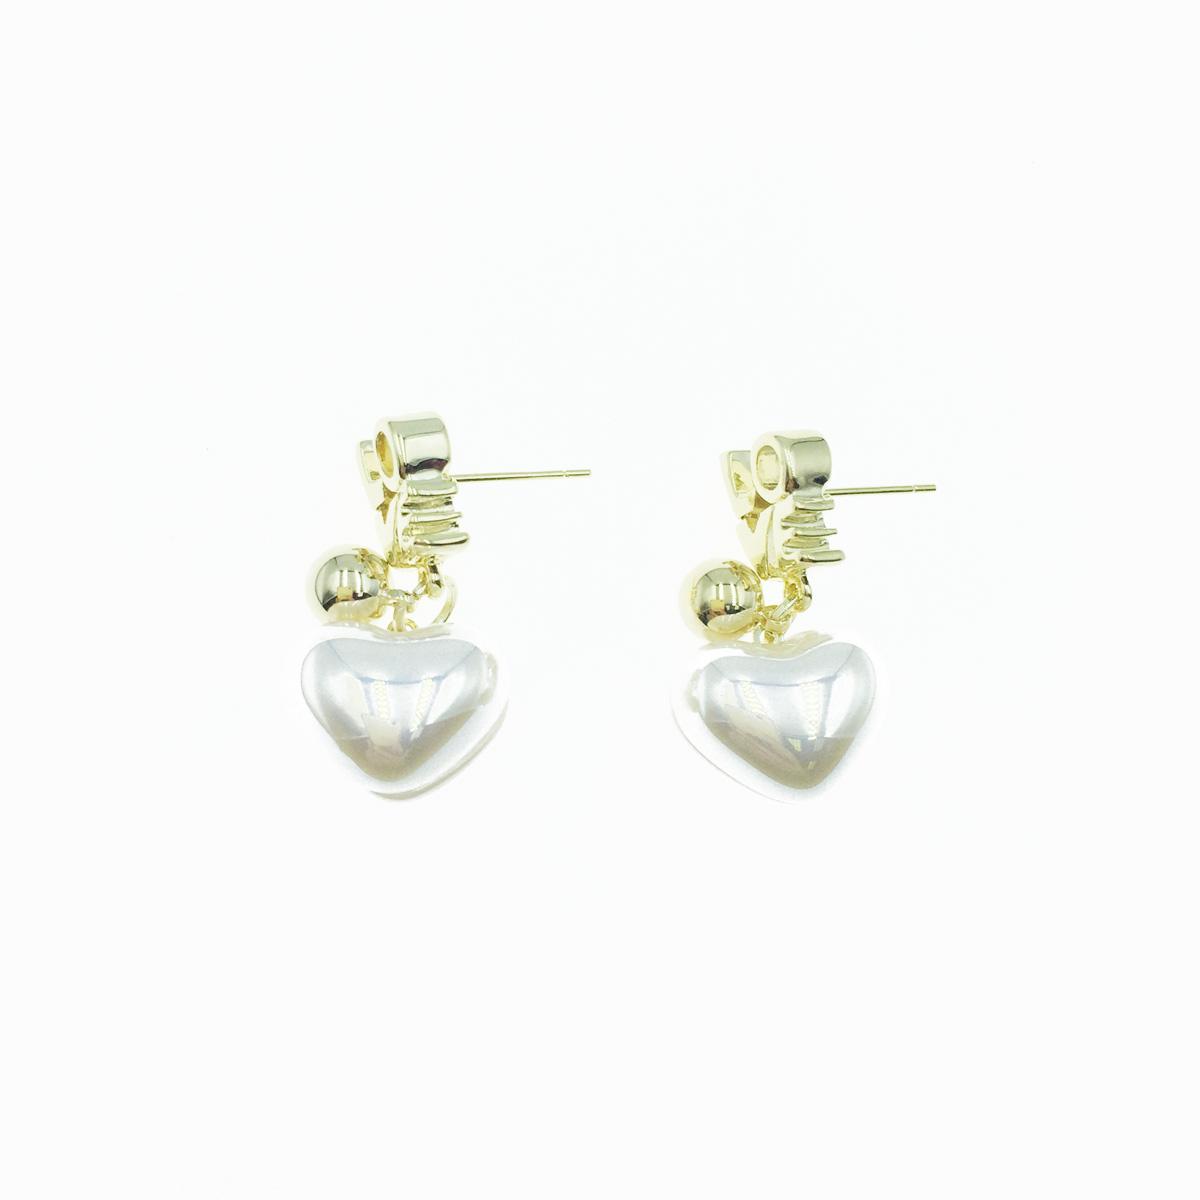 韓國 925純銀 愛心珍珠 LOVE 垂墜  金色珠珠 可愛 耳針式 耳環